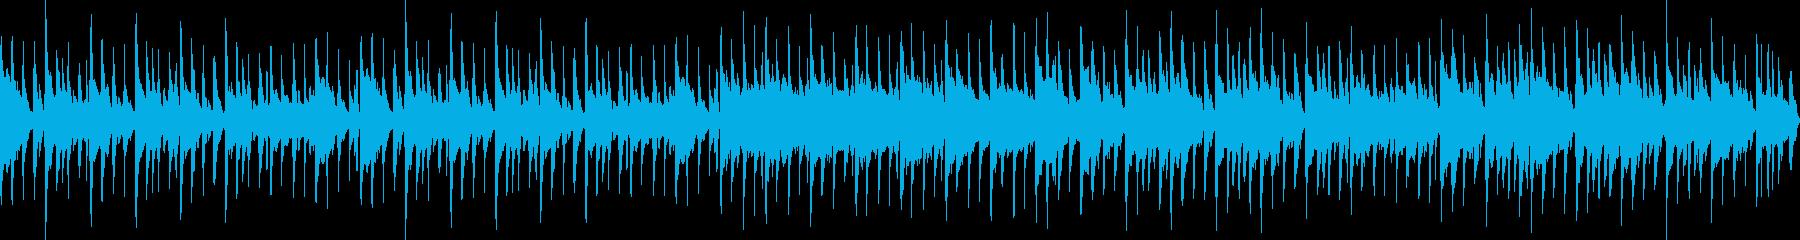 イージーリスニング ストリングス ...の再生済みの波形